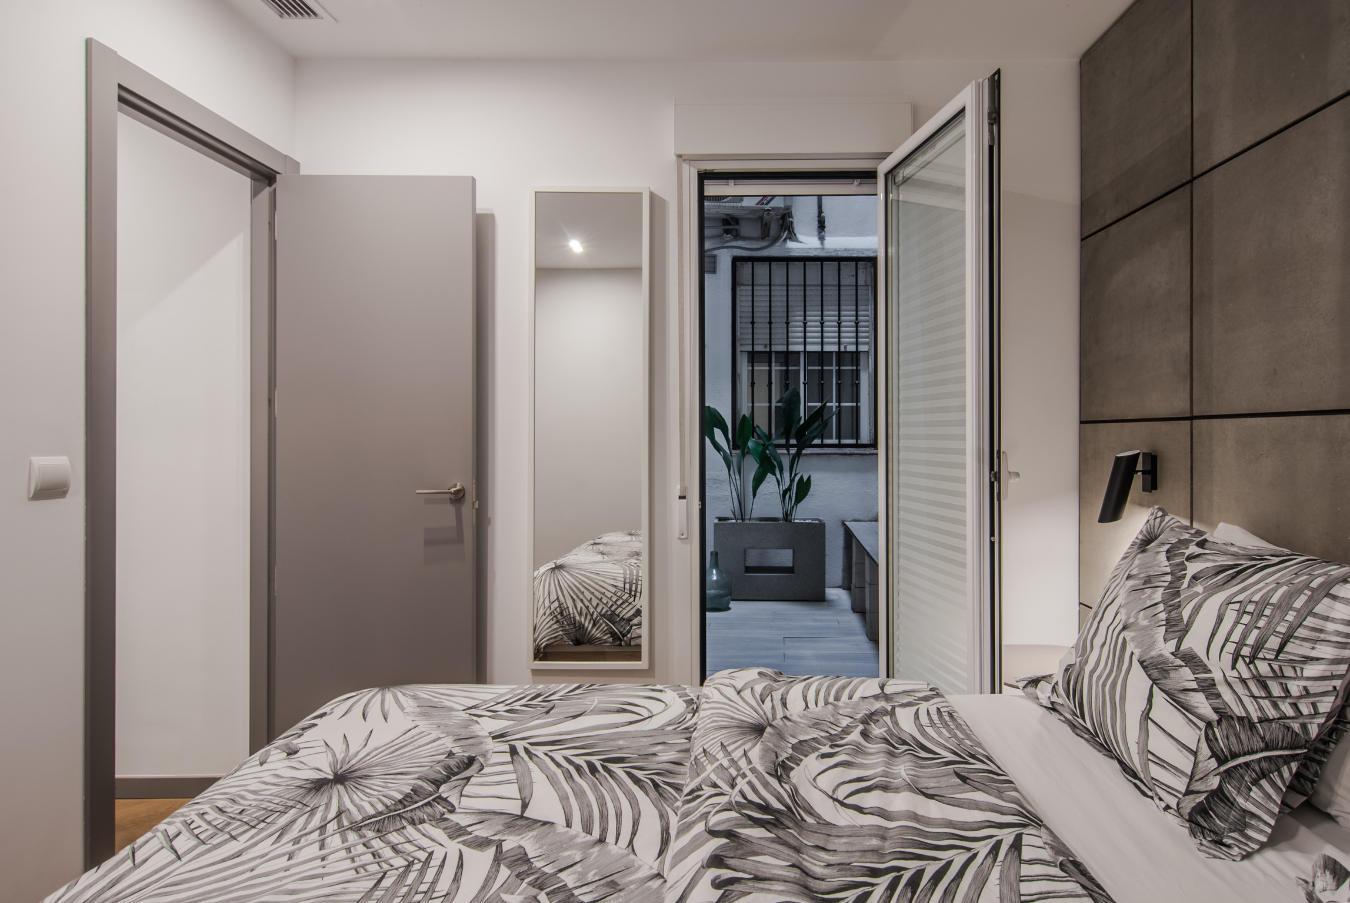 Dormitorio y dos puertas San Vicente Ferrer